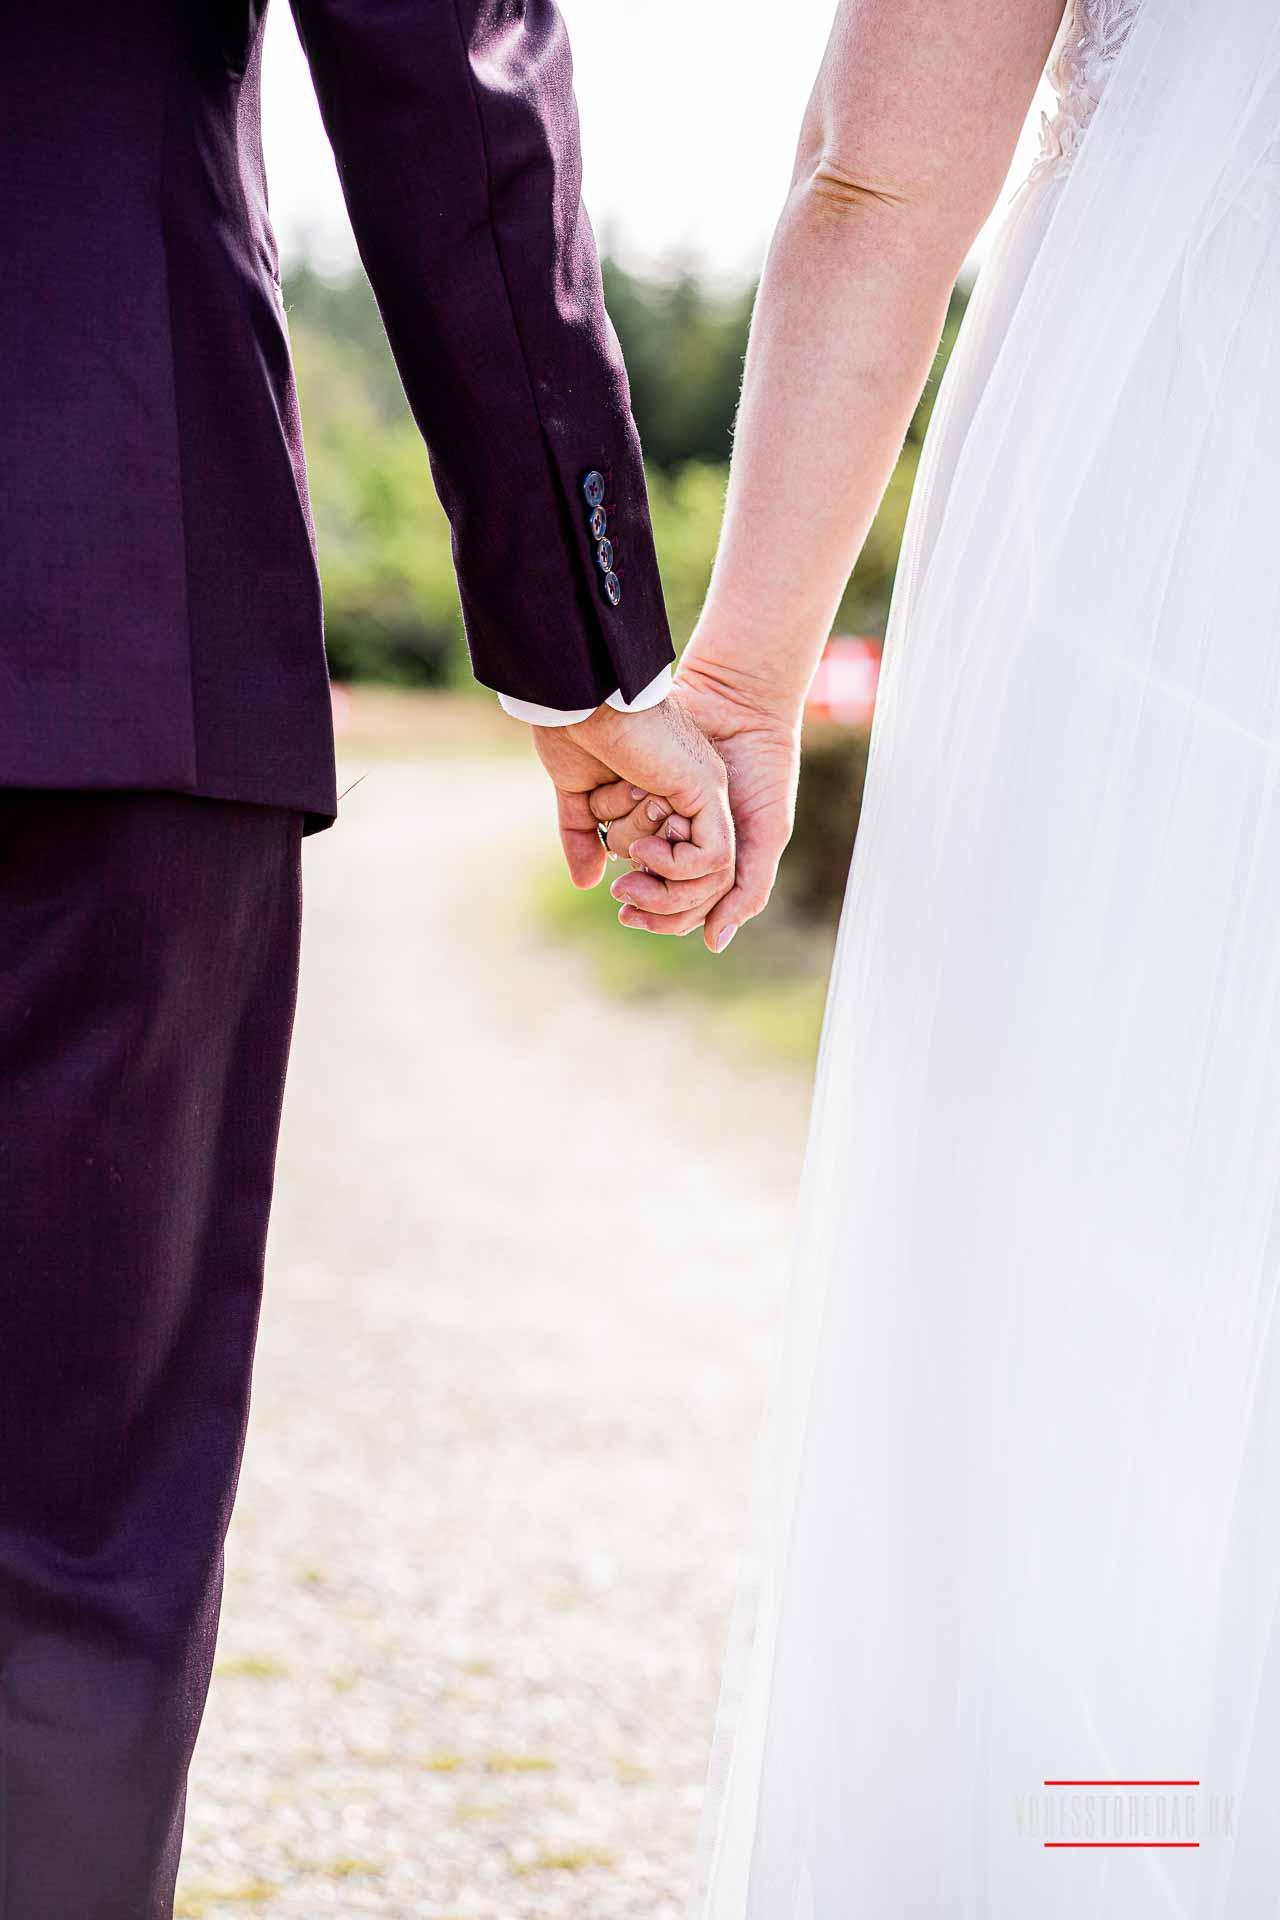 Gode råd og anbefalinger til udendørs bryllupper - Bryllup